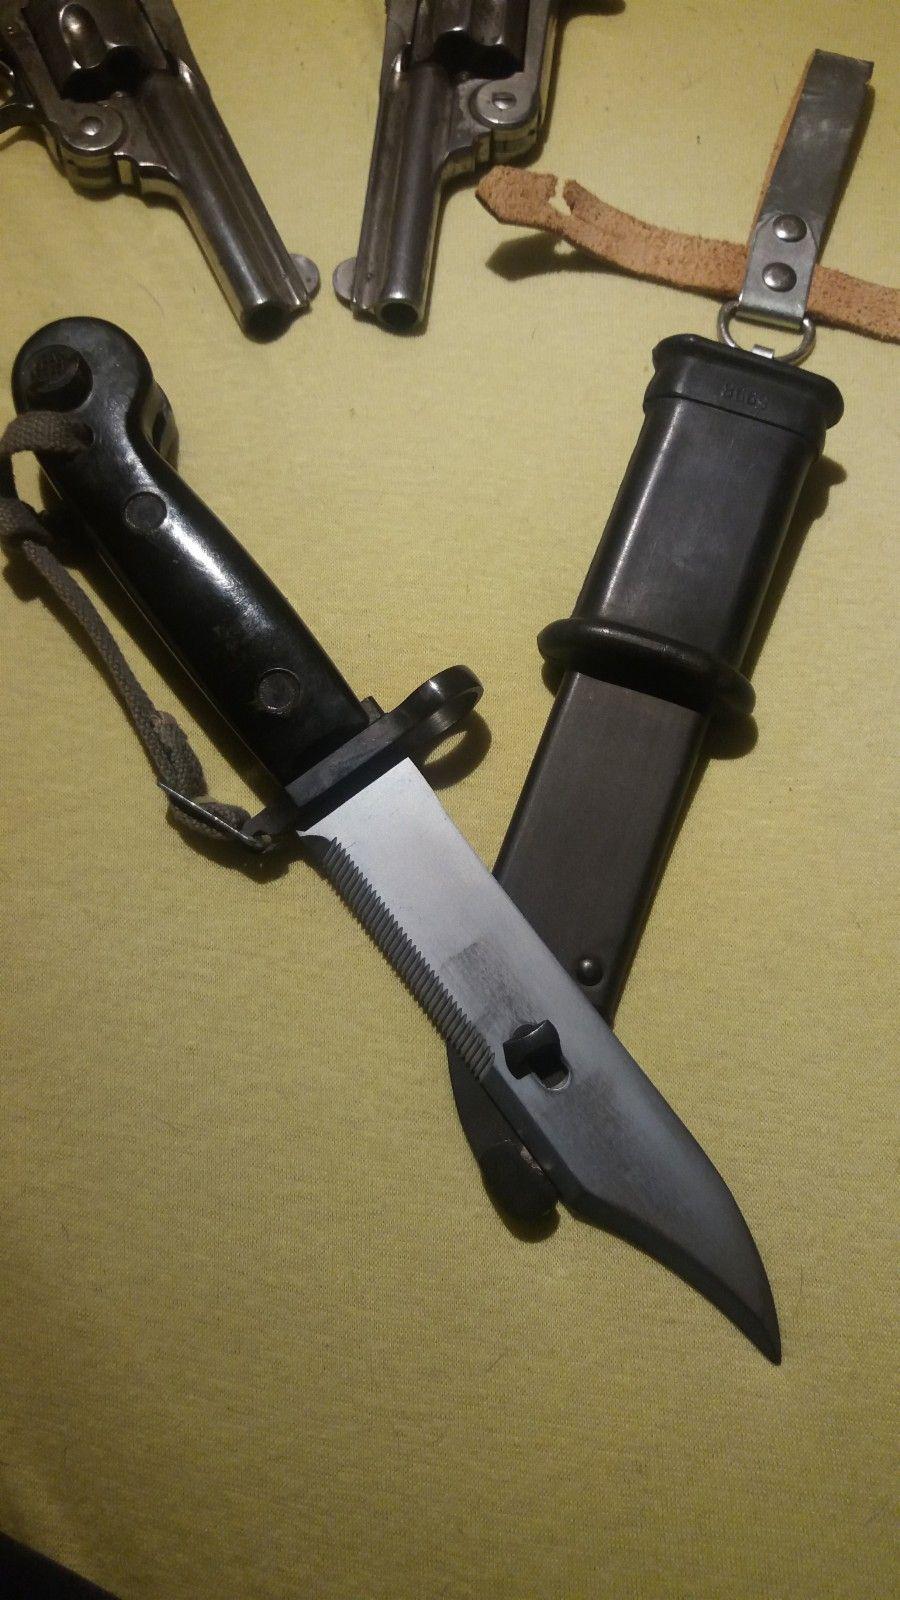 Ak47 bayonett. Med wirekutter - Mandal  - Kjøper betaler porto eller henter i mandal. Mulig en Tysk NVA Bayonette - Mandal